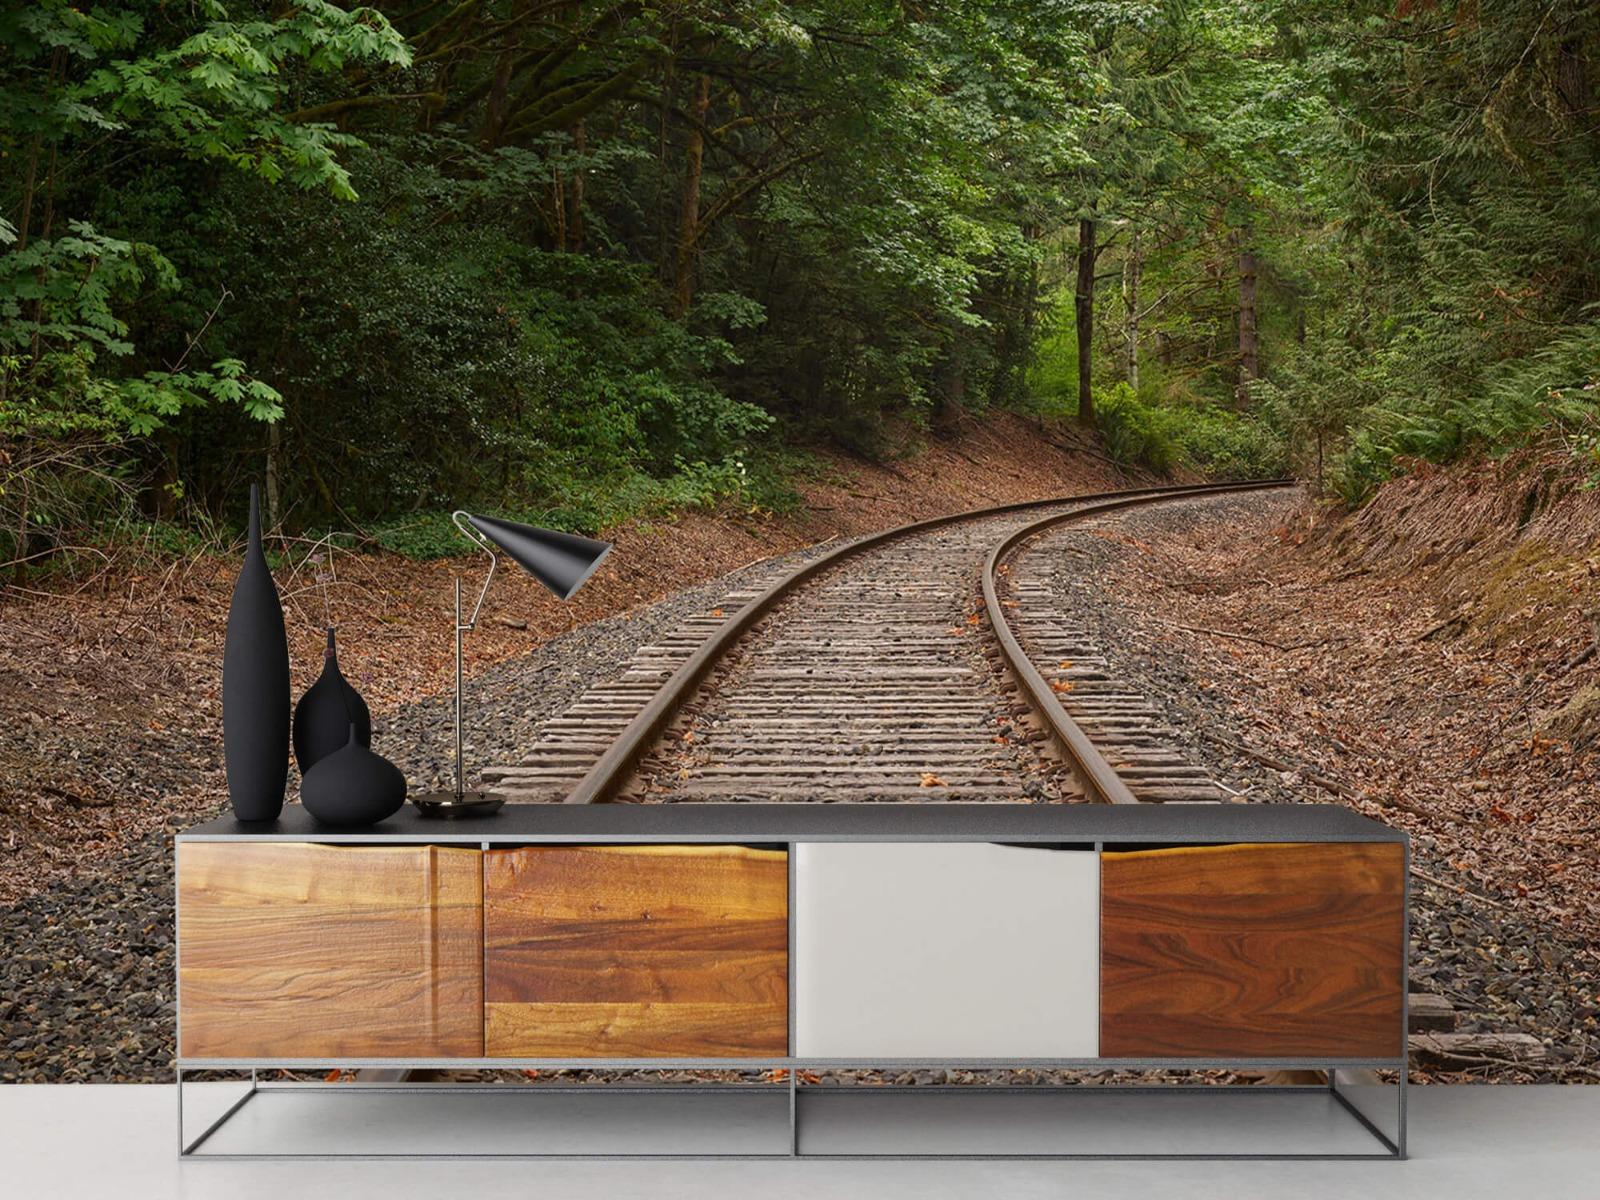 Bos behang - Spoorlijn door het bos - Slaapkamer 16